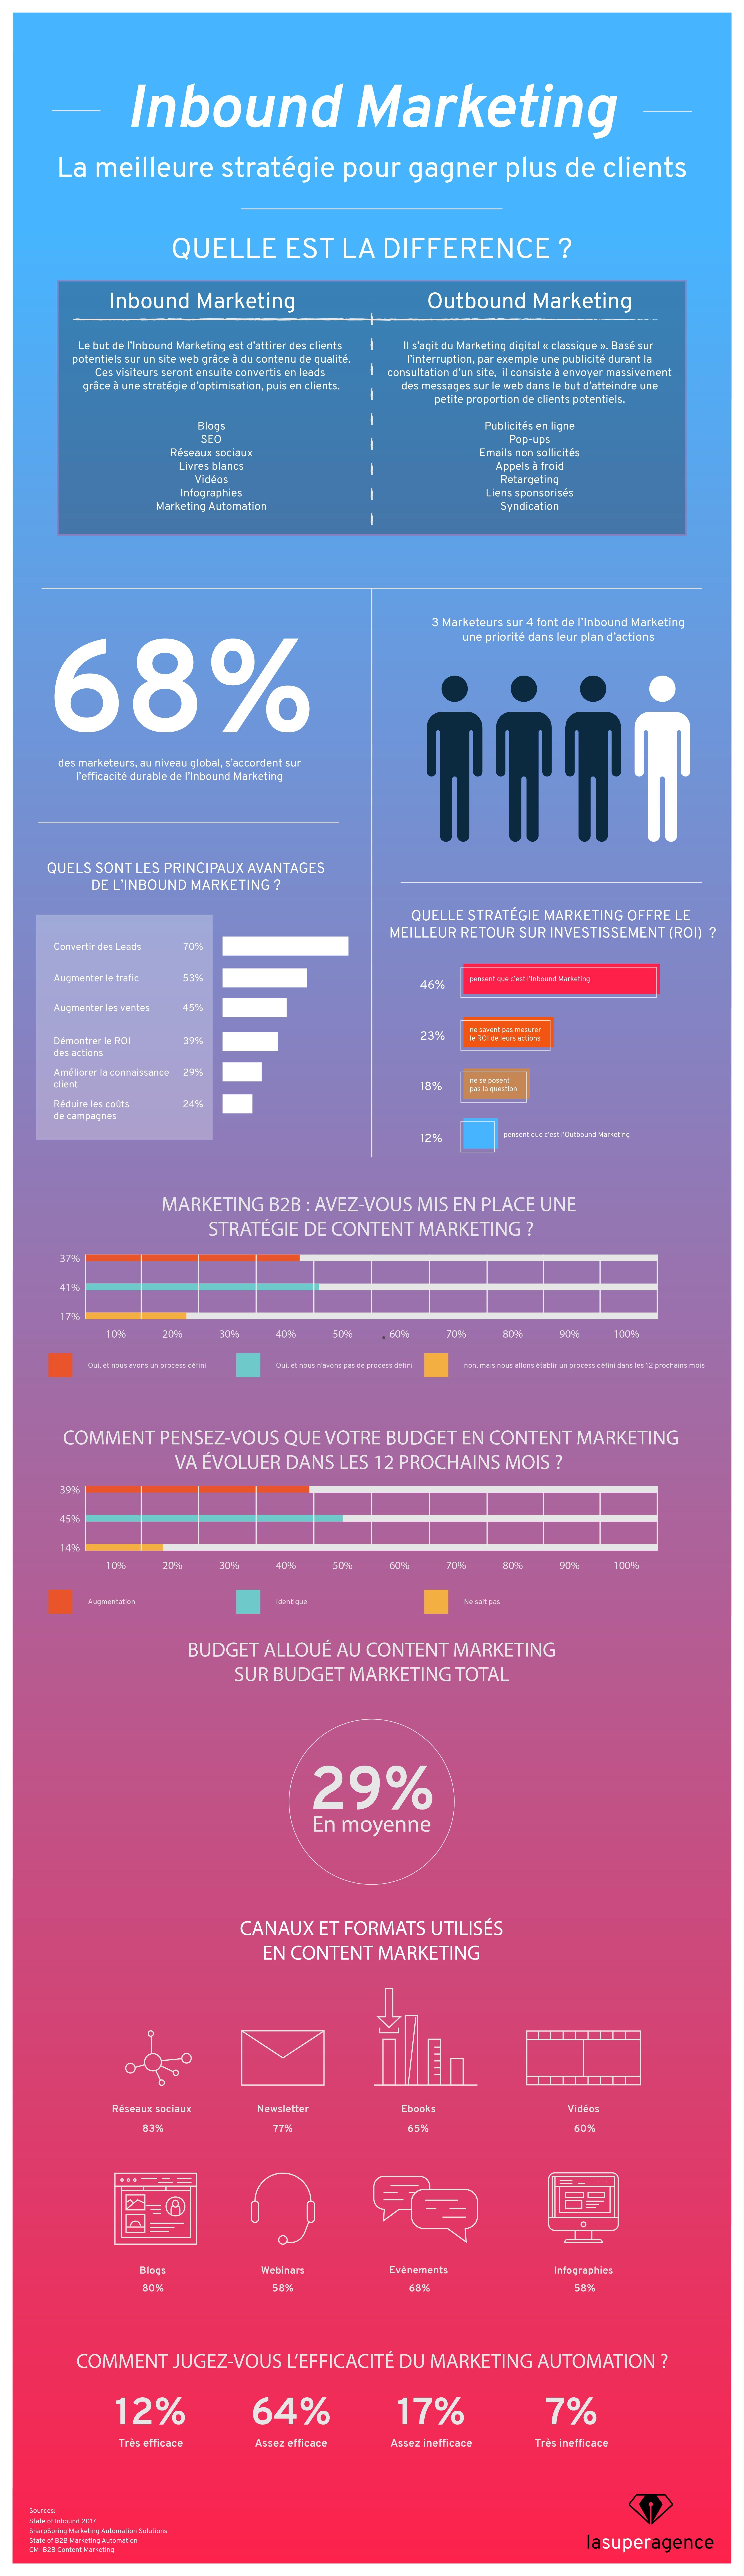 Les PME plébicitent l'Inbound Marketing